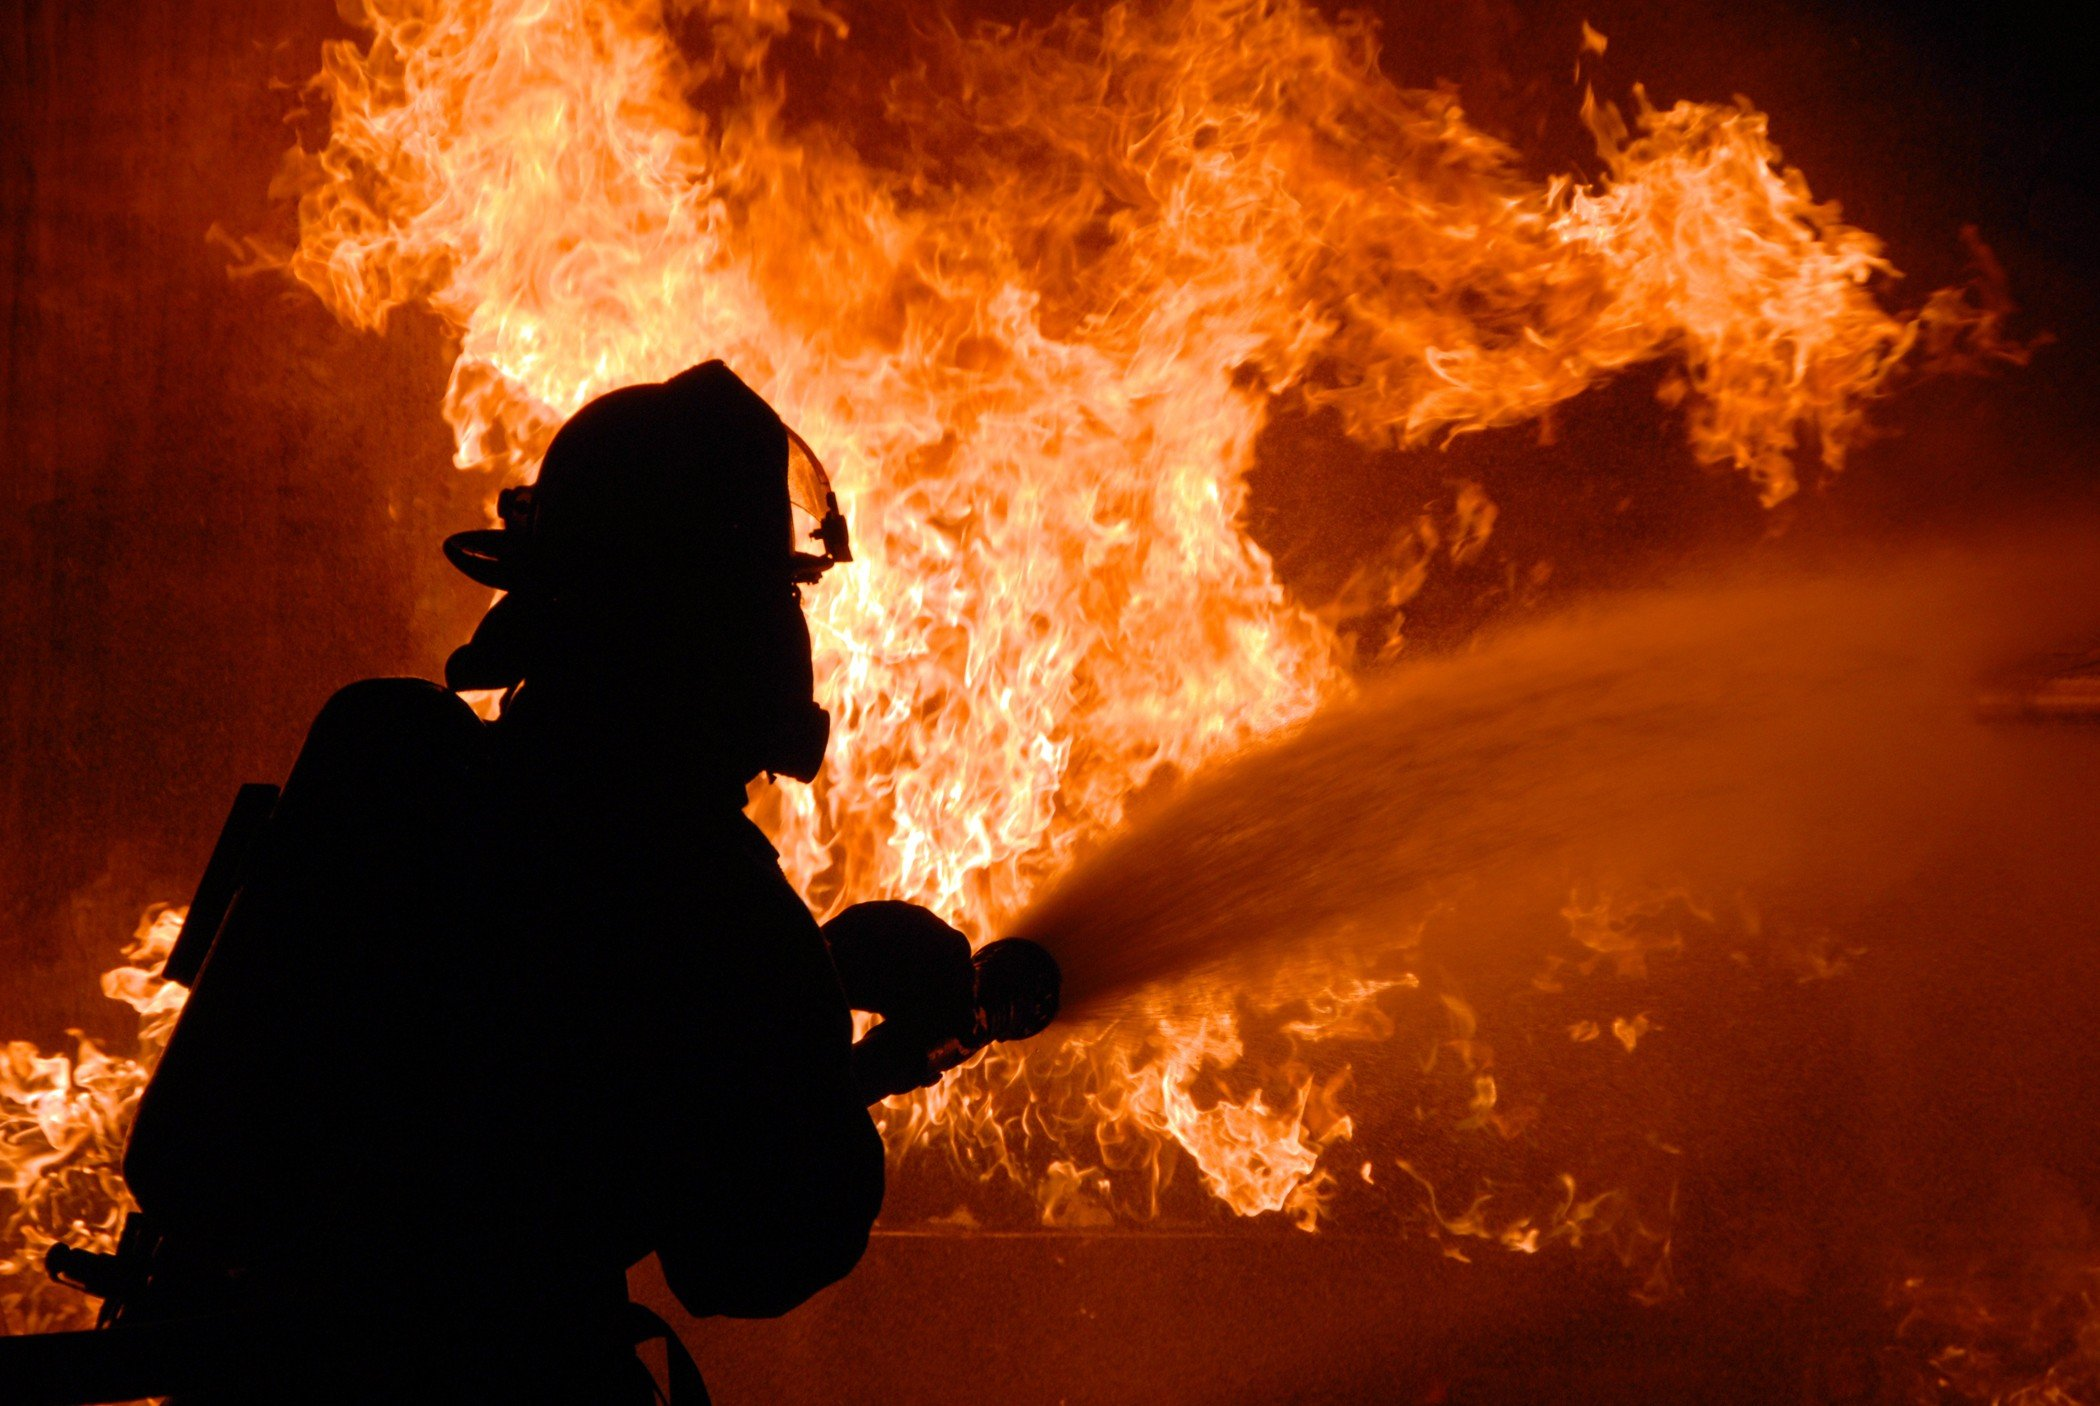 Постраждав власник будинку, у помешканні якого спалахнула пожежа